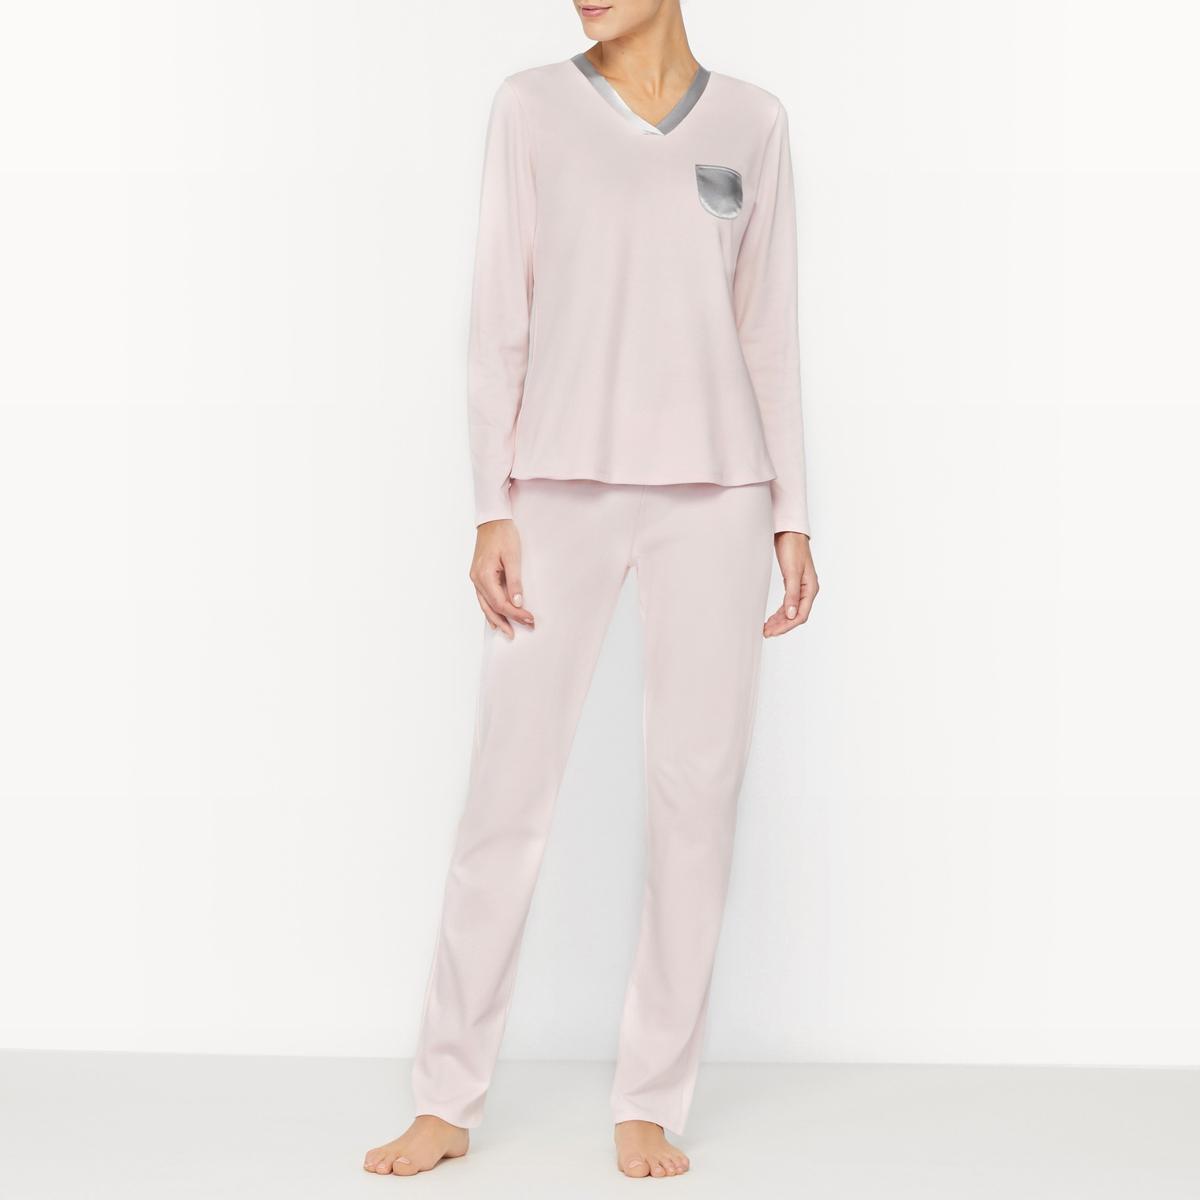 Пижама Olympe пижама из атласа и джерси